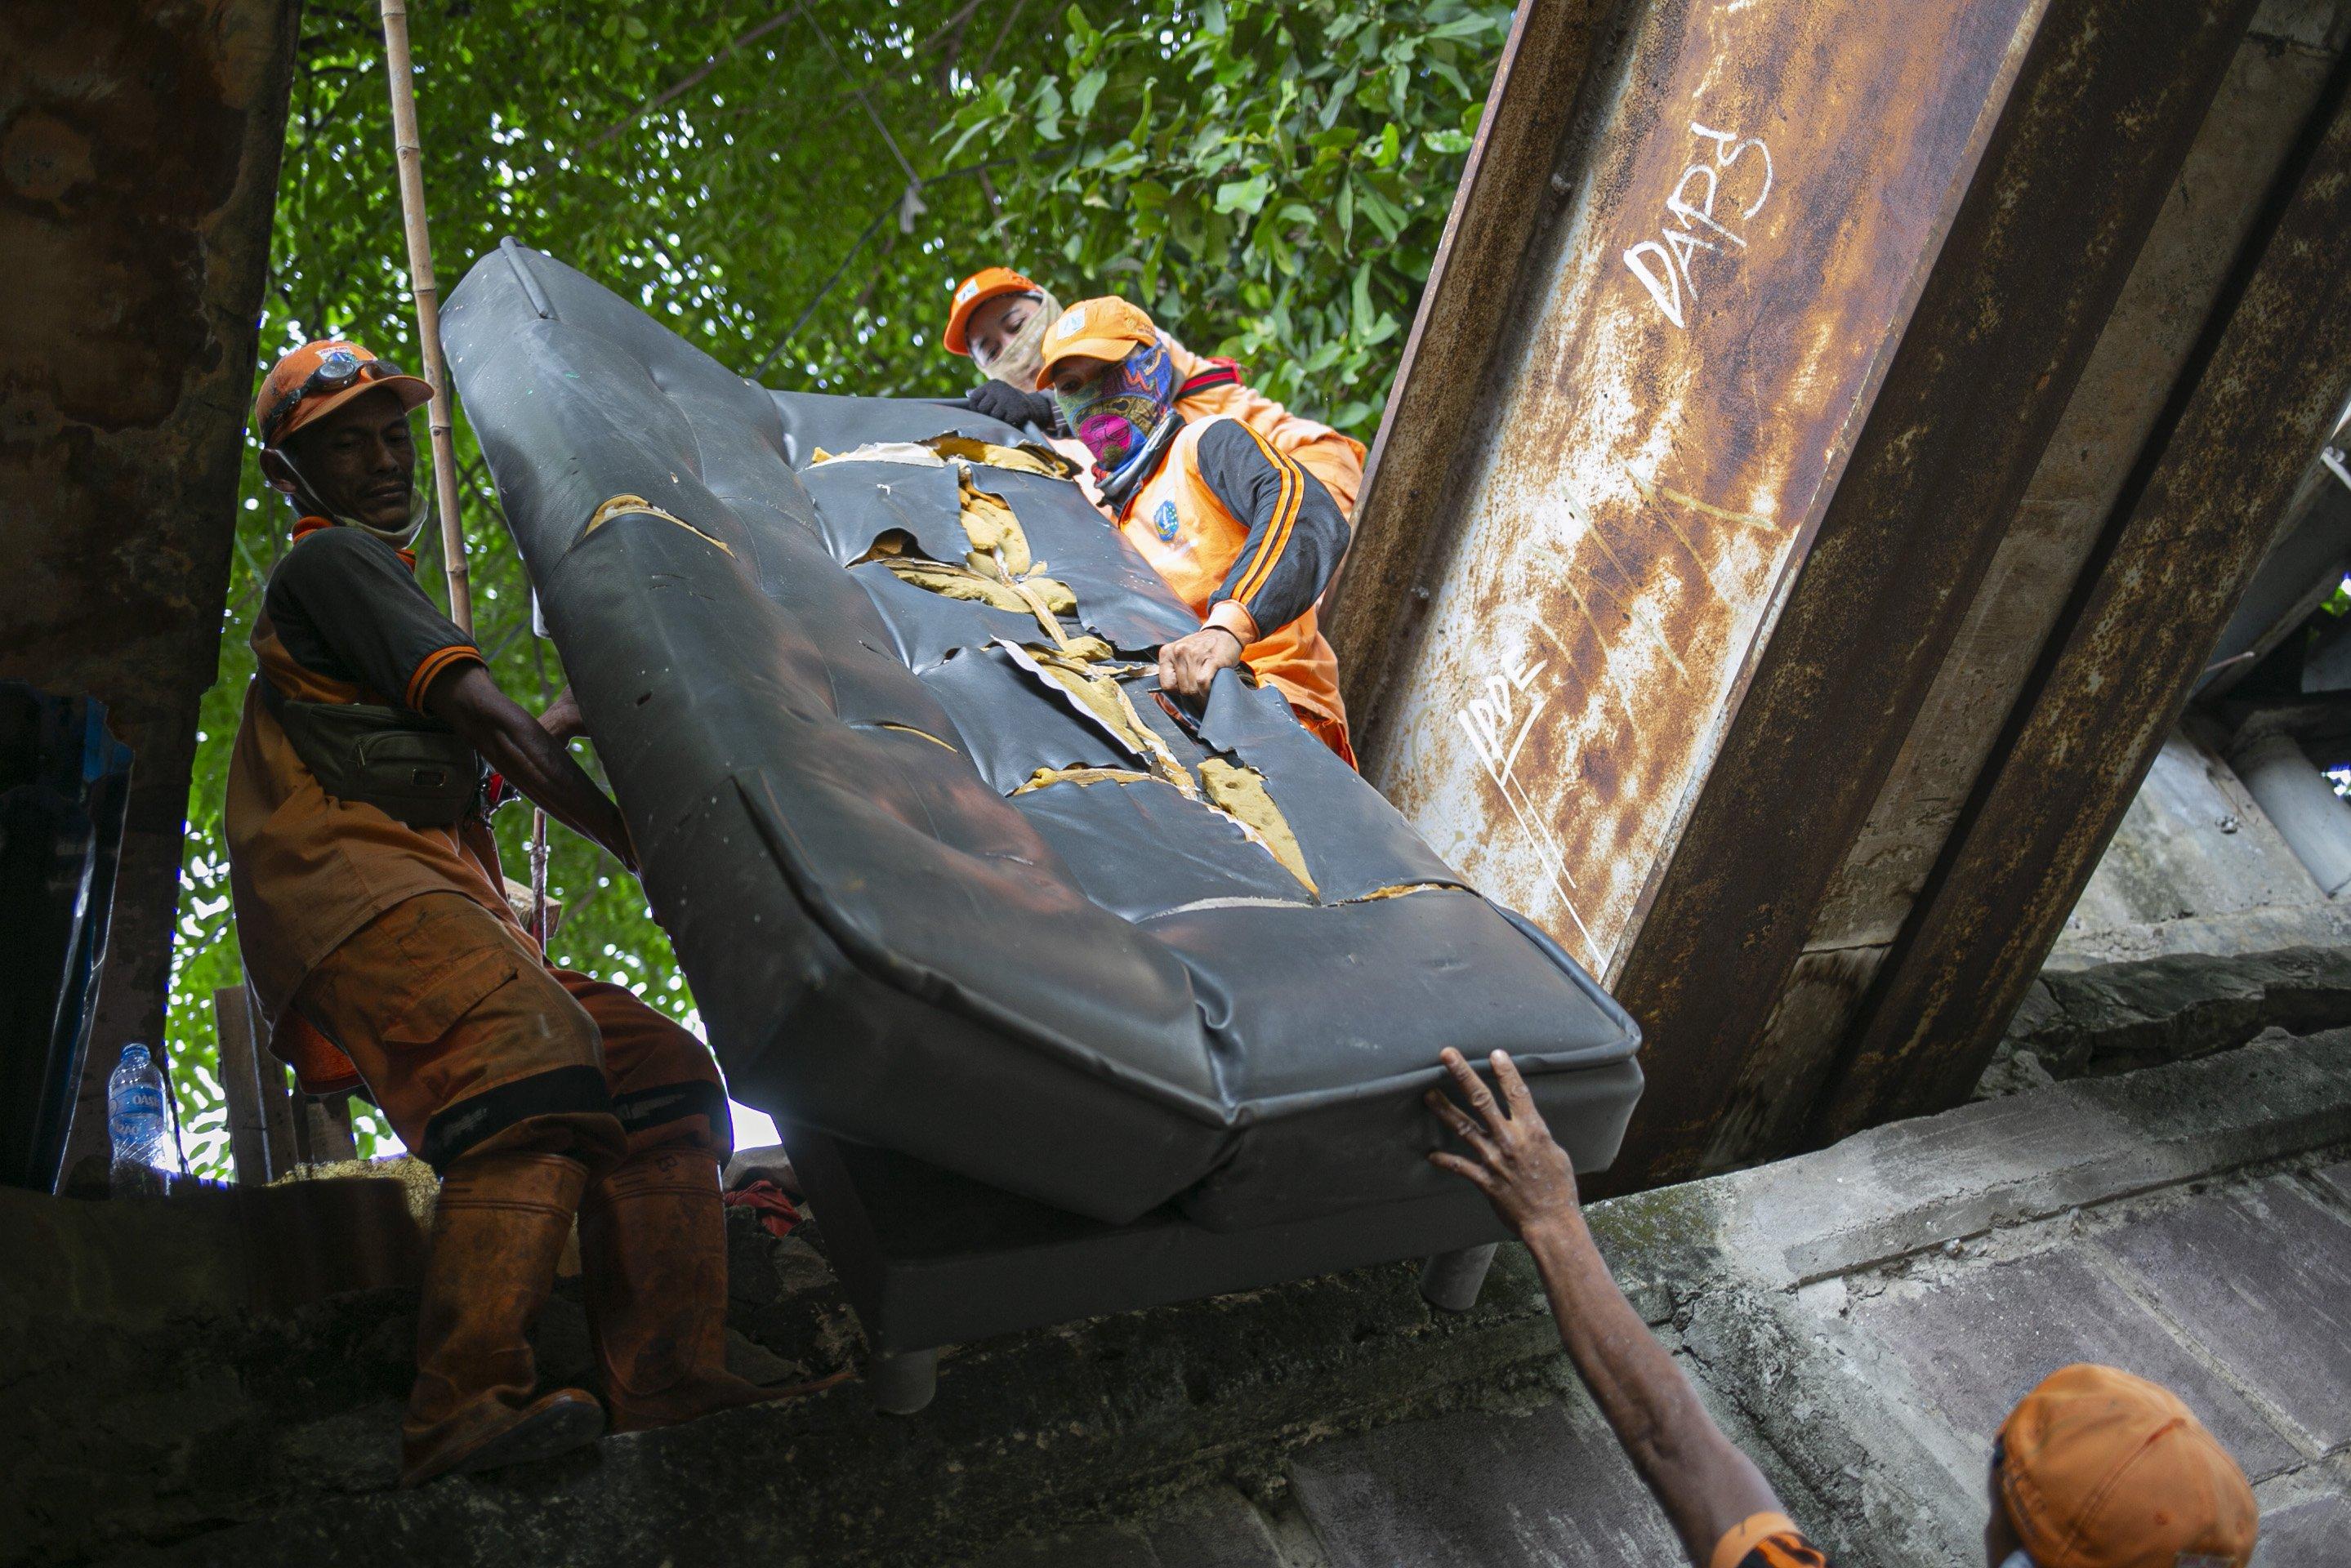 Petugas PPSU menertibkan hunian liar di kolong jembatan Jalan Proklamasi, Pegangsaan, Menteng, Jakarta, Selasa (28/12/2020). Kurang lebih sebanyak 12 hunian liar ditertibkan oleh petugas dari Kelurahan Pegangsaan, setelah sebelumnya Menteri Sosial Tri Rismaharini melakukan sidak di kolong jembatan tersebut.